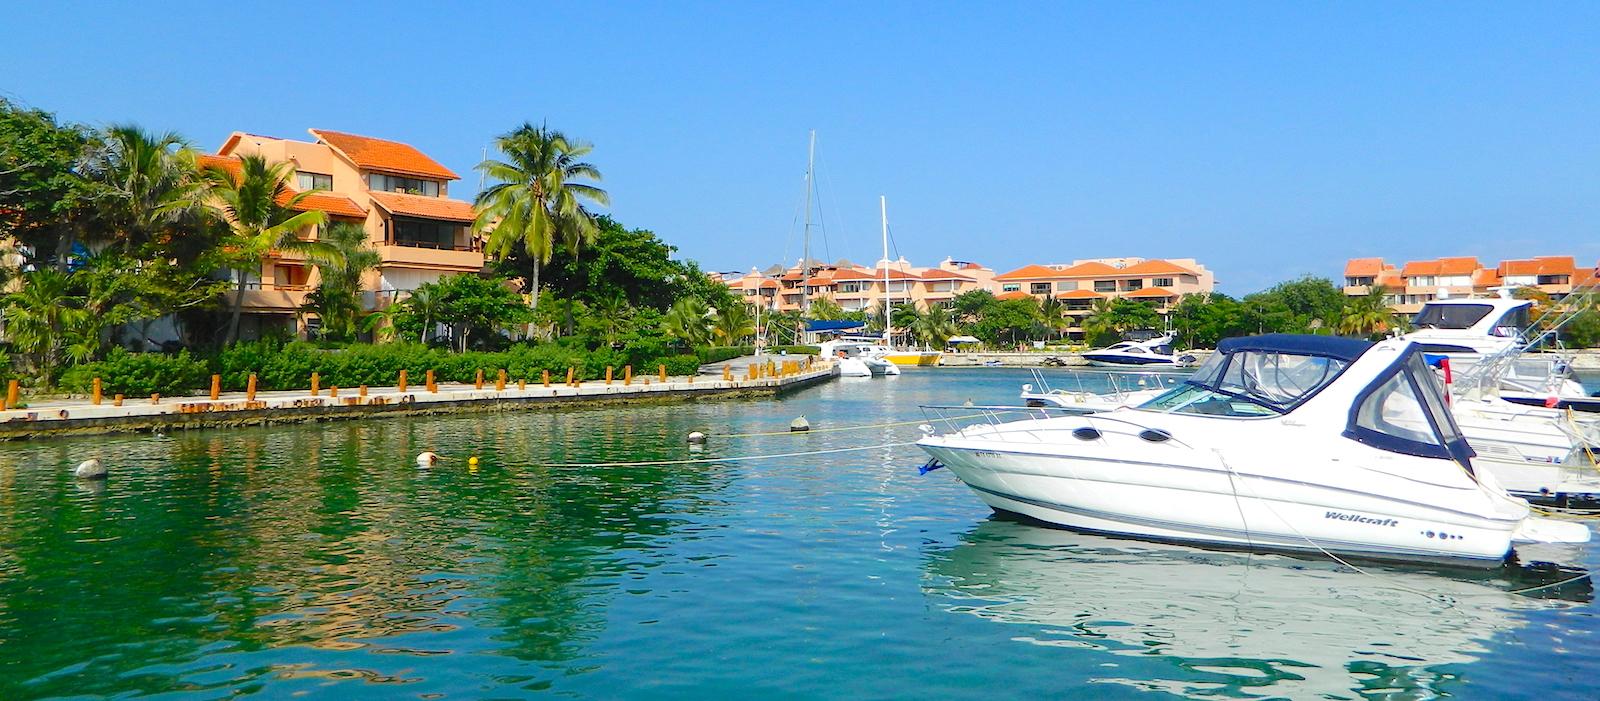 Puerto Aventuras - Playa, Marina y Campo de Golf